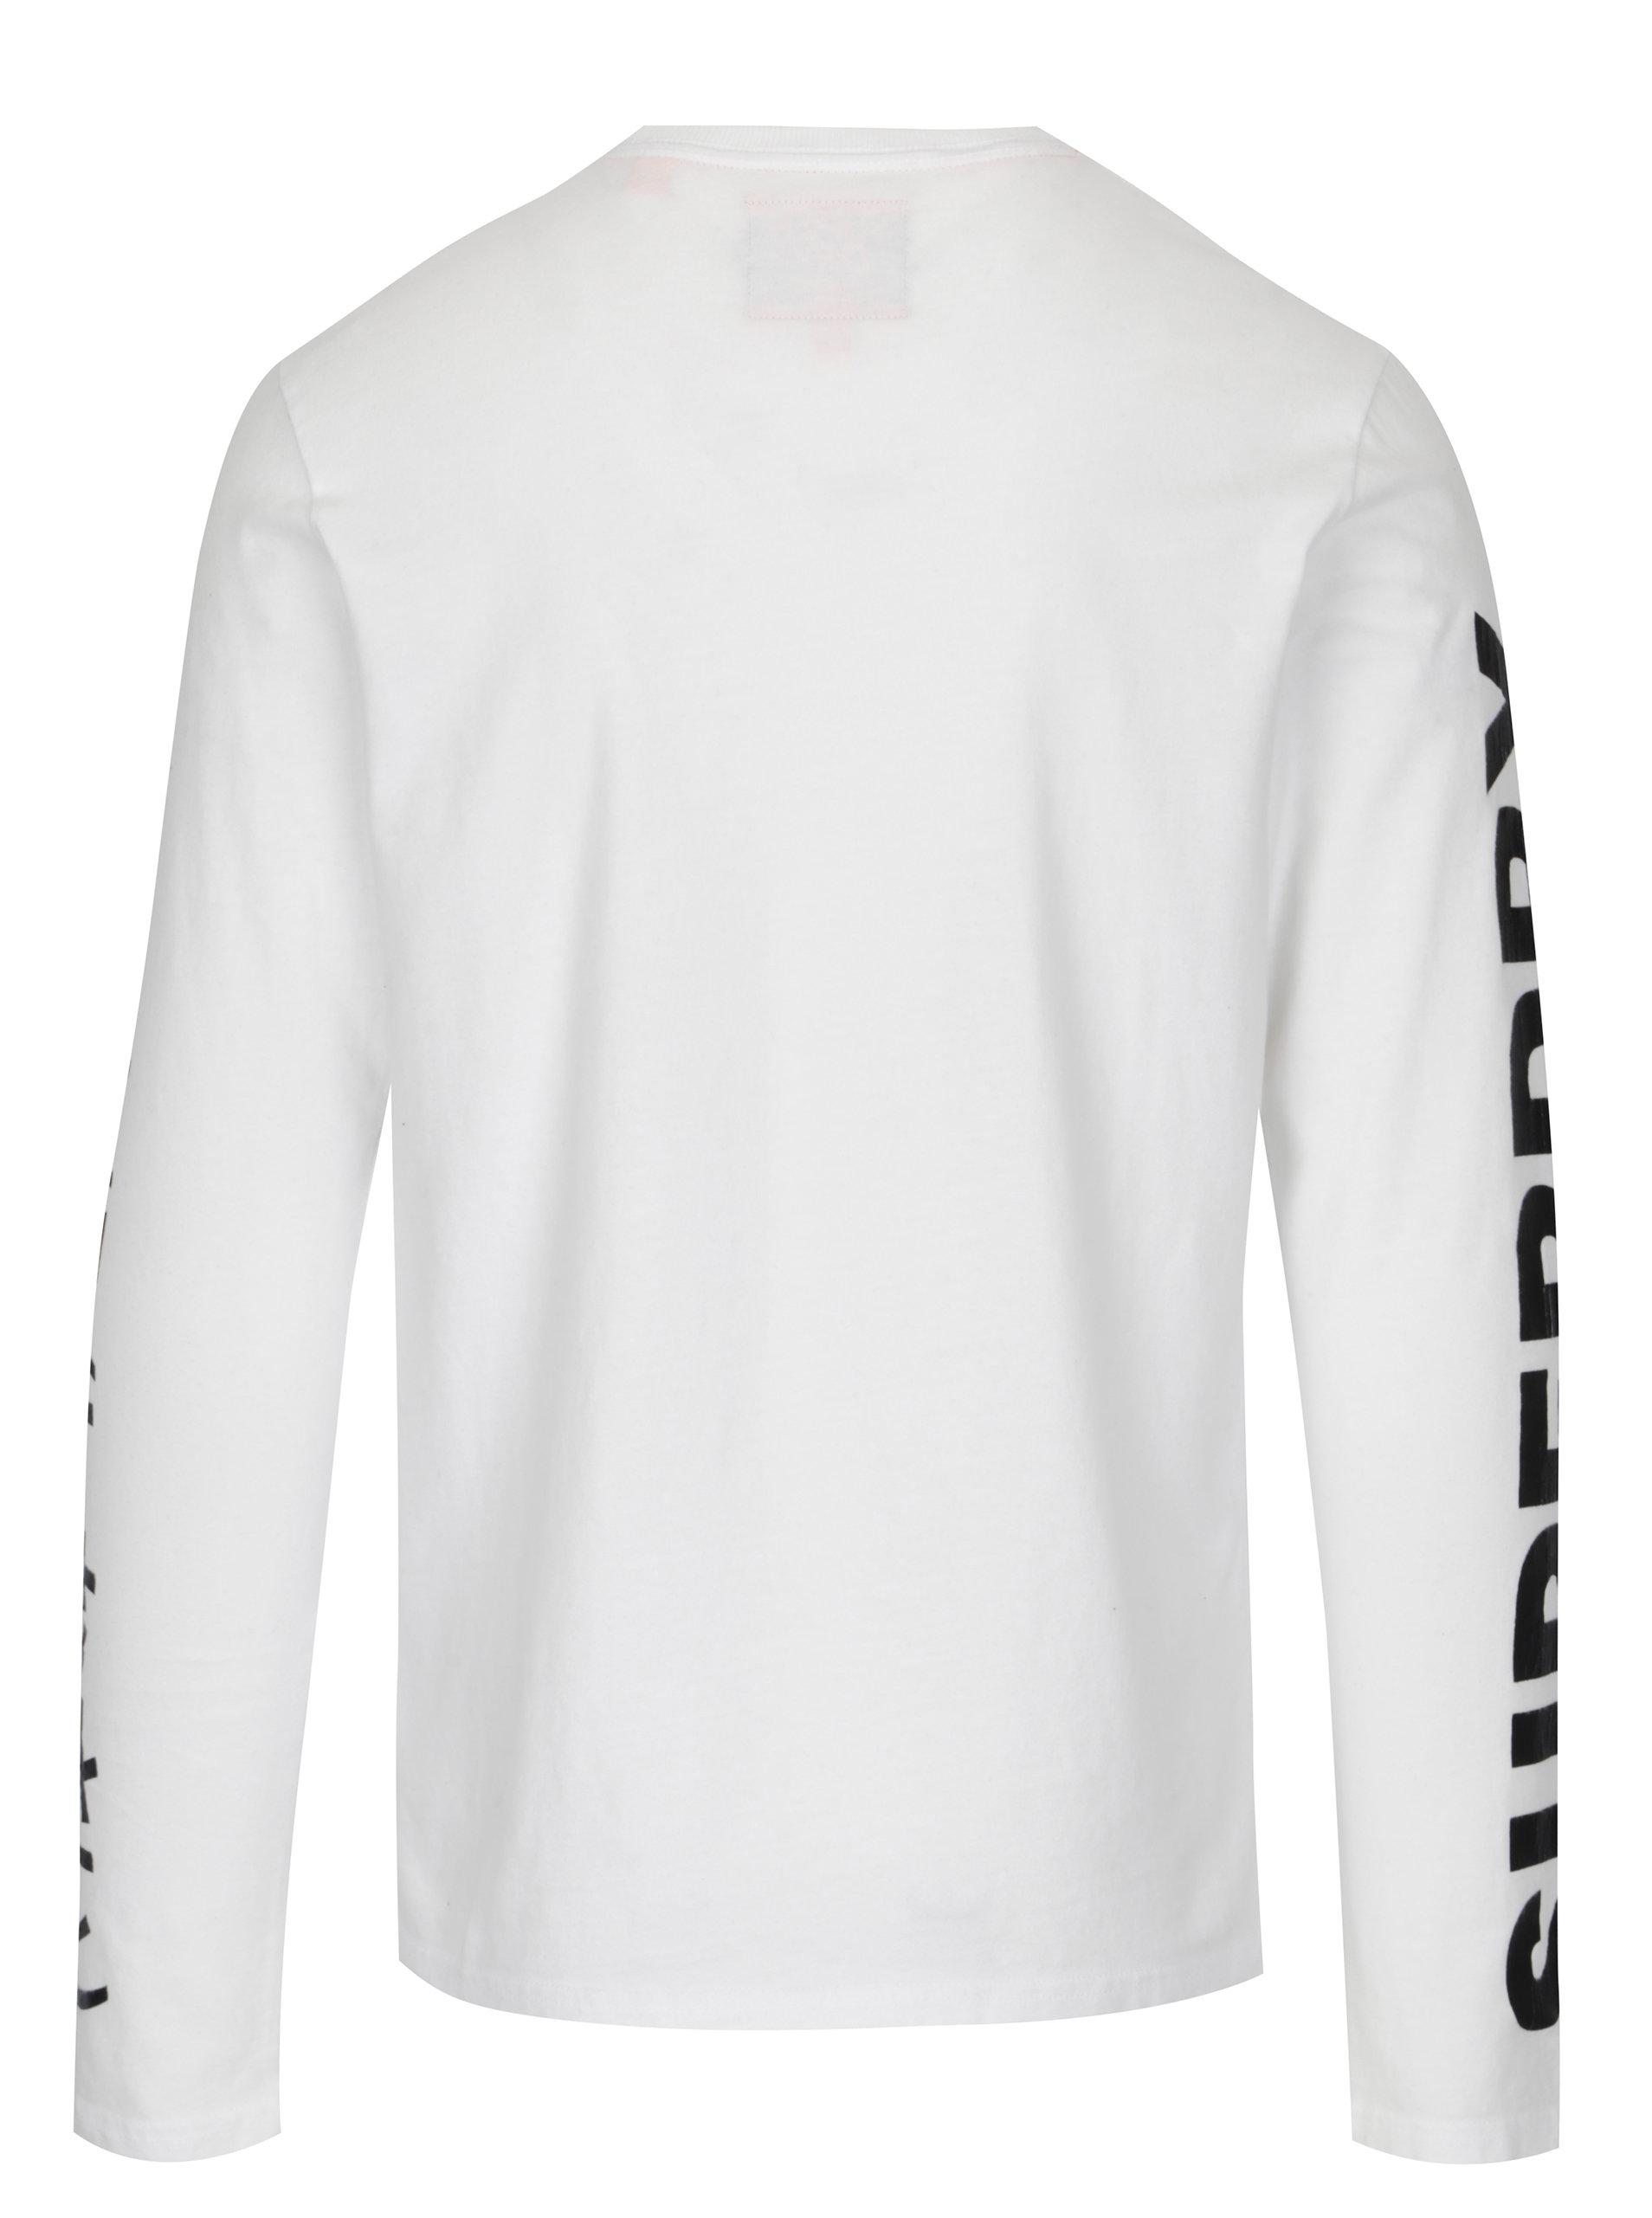 ae95e90f8599 Biele pánske tričko s dlhým rukávom Superdry ...